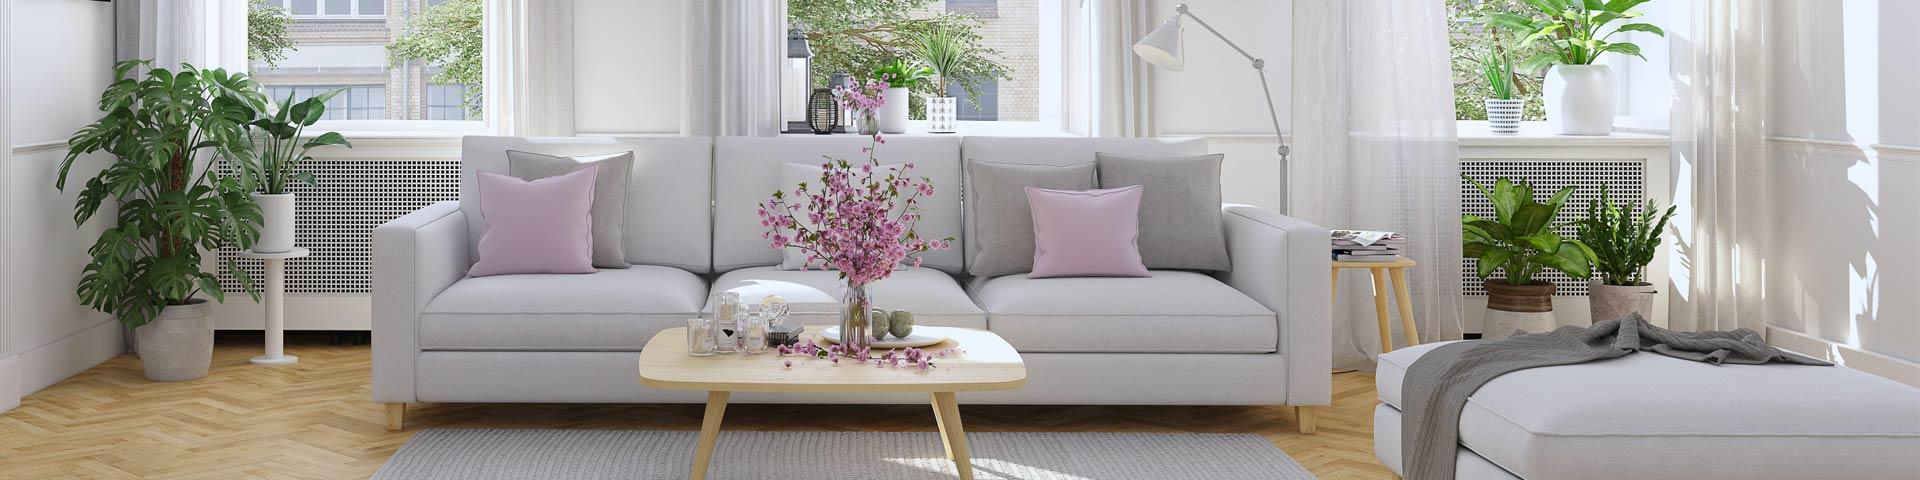 raumeffekt-Home-Staging-Vorteile-Eigentuemer